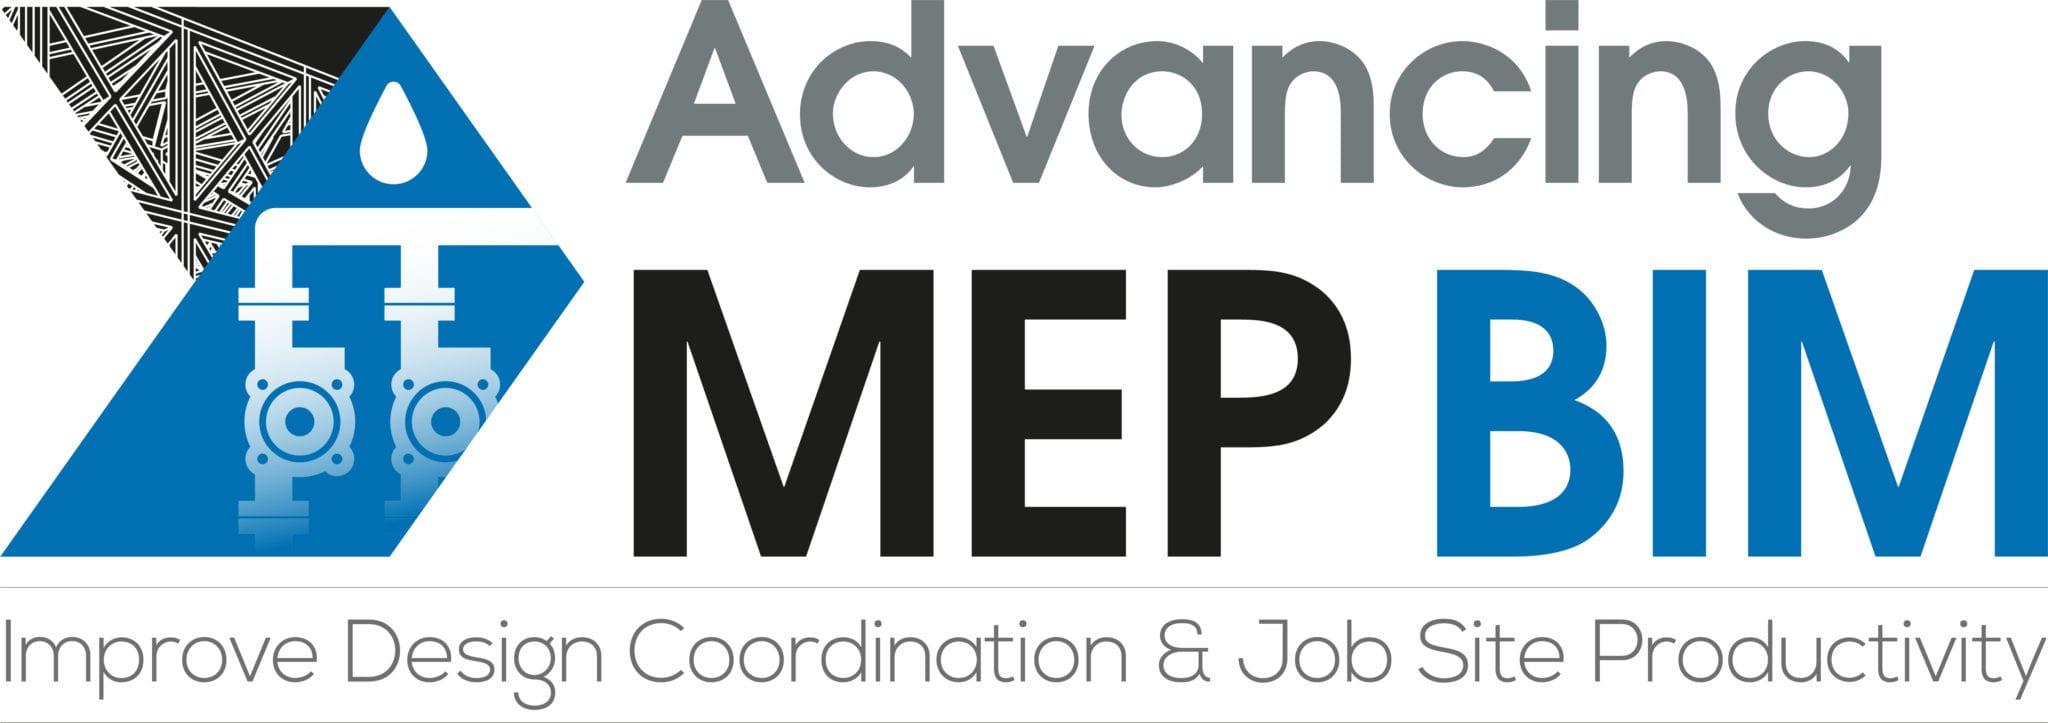 HW200331 Advancing MEP BIM logo FINAL